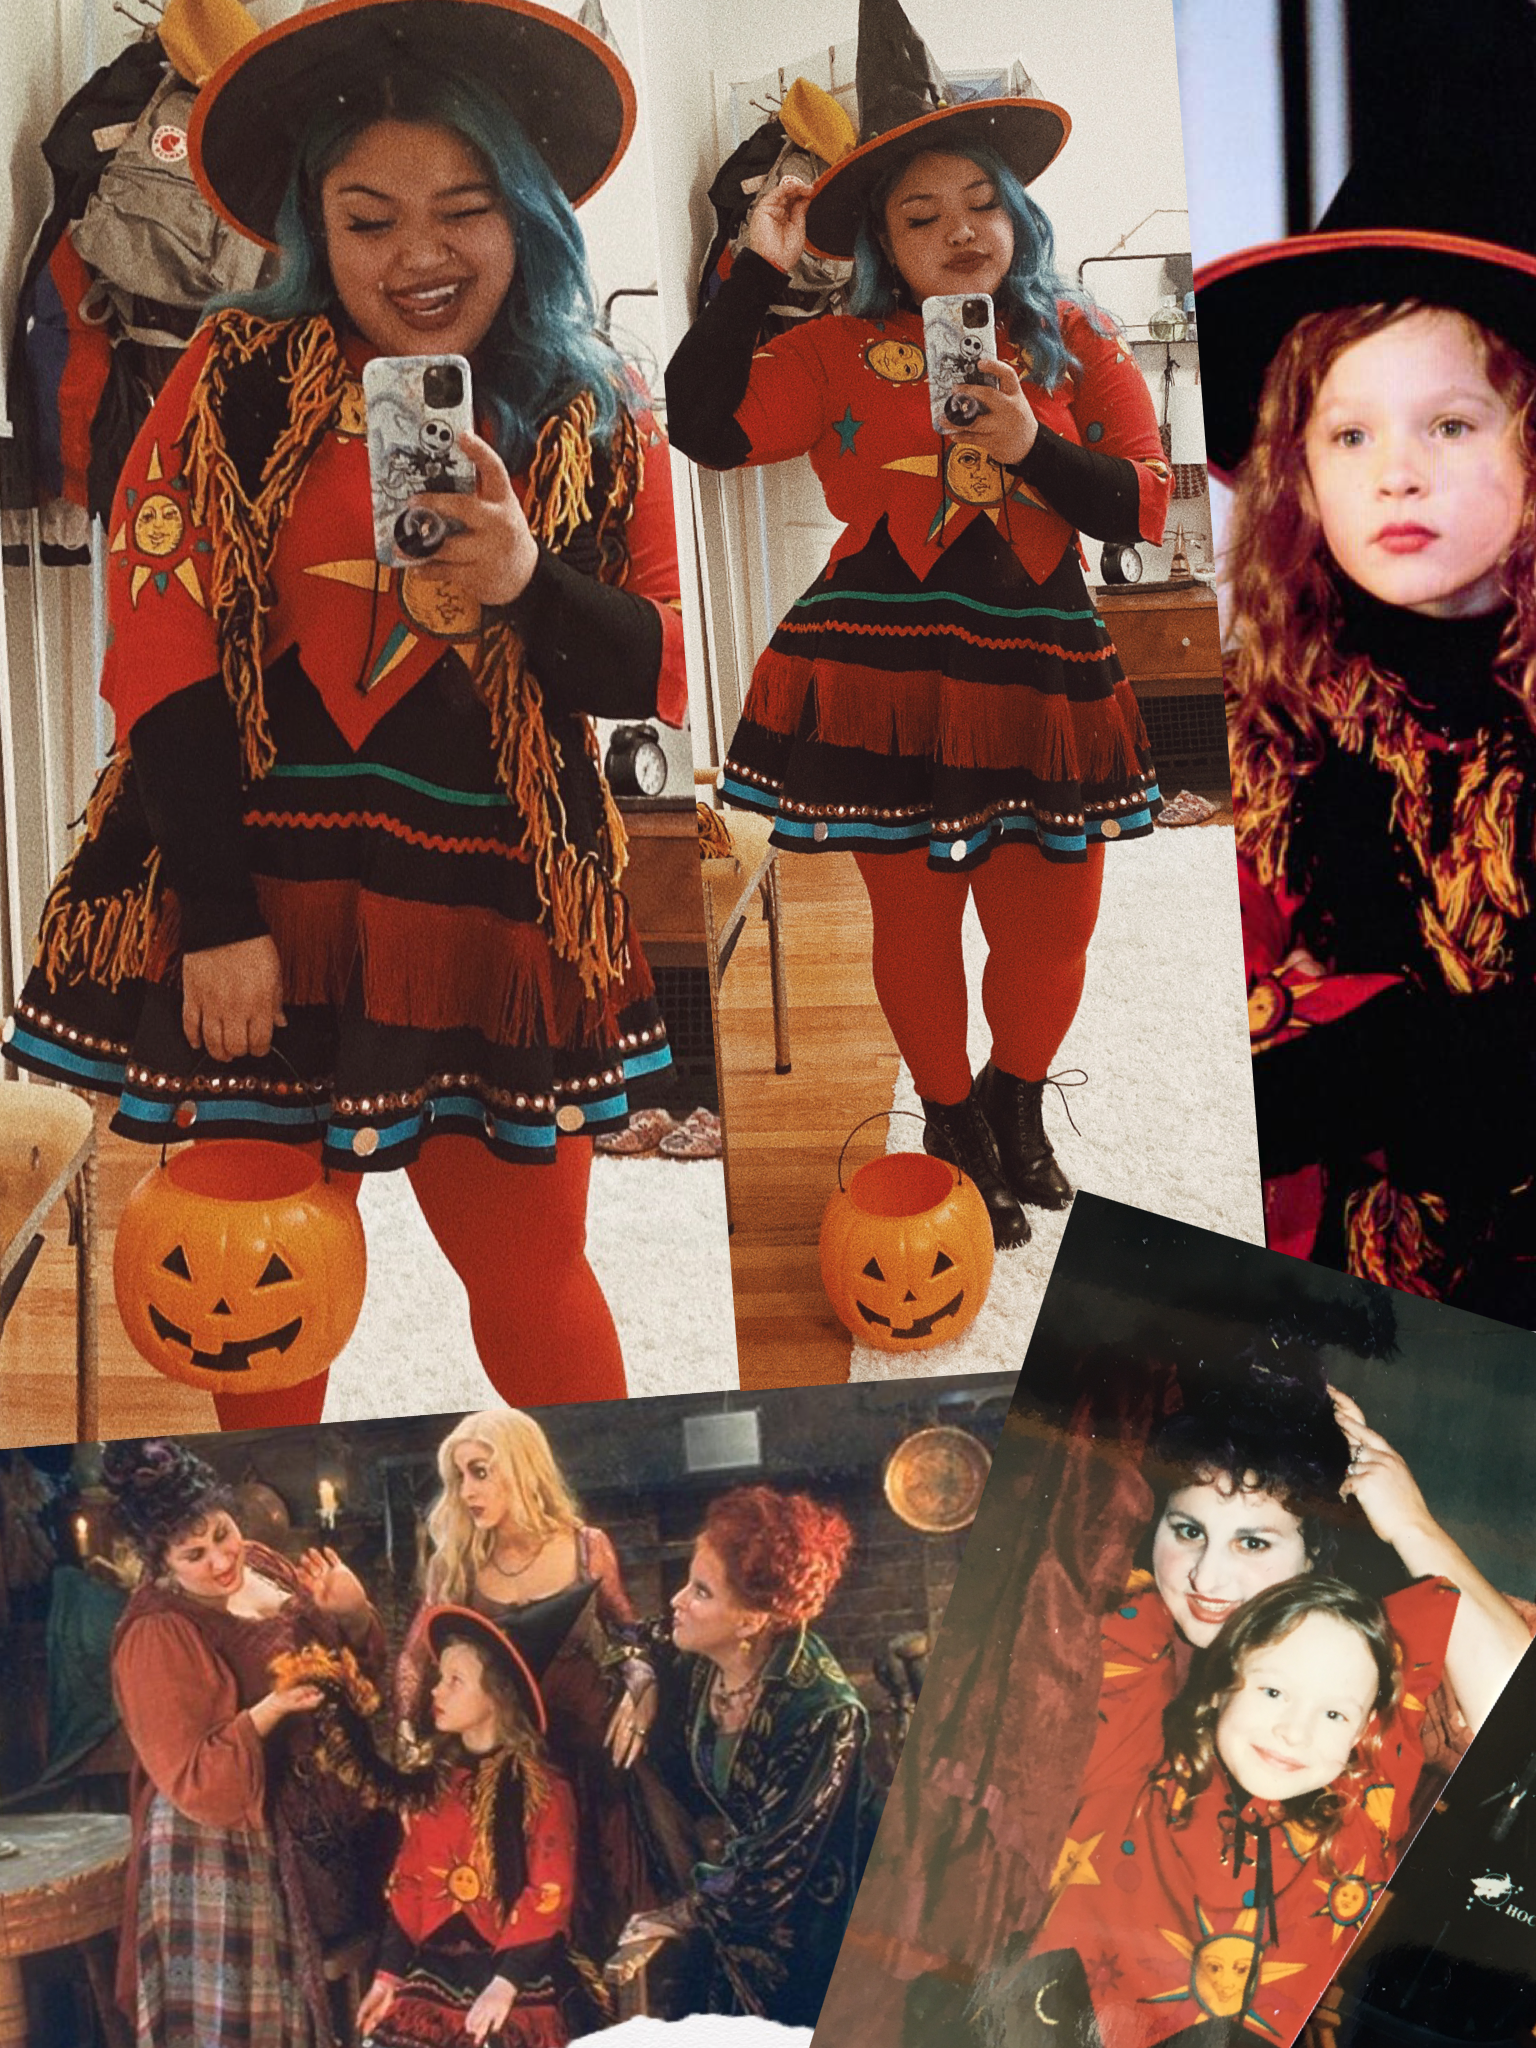 Dani Dennison In 2020 Hocus Pocus Costume Creative Costumes Halloween Costumes